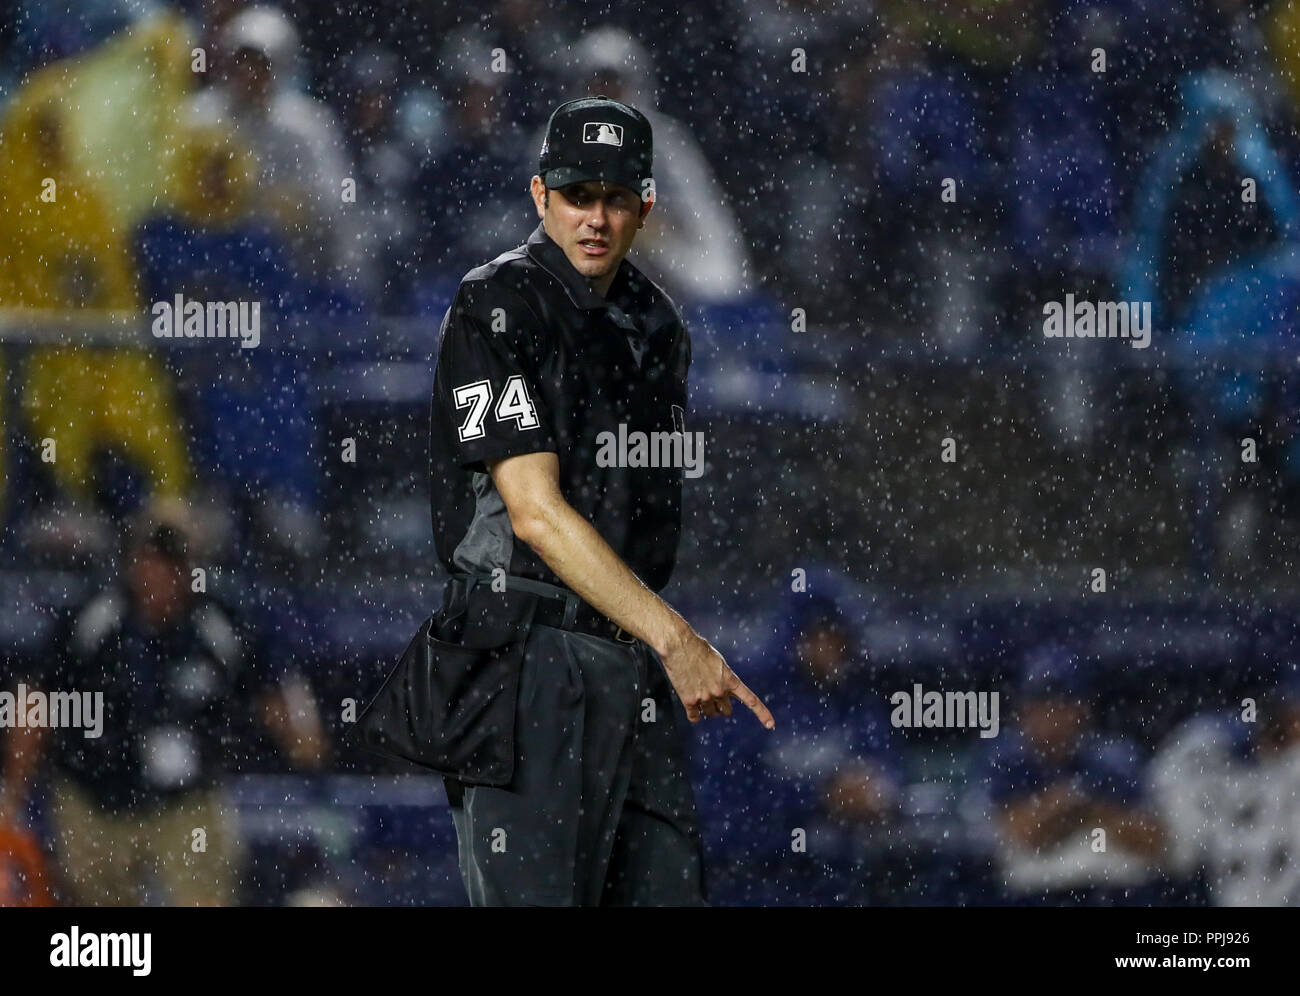 Acciones del partido de beisbol de los Dodgers de Los Angeles contra Padres de San Diego, durante el primer juego de la serie las Ligas Mayores del Be Stock Photo